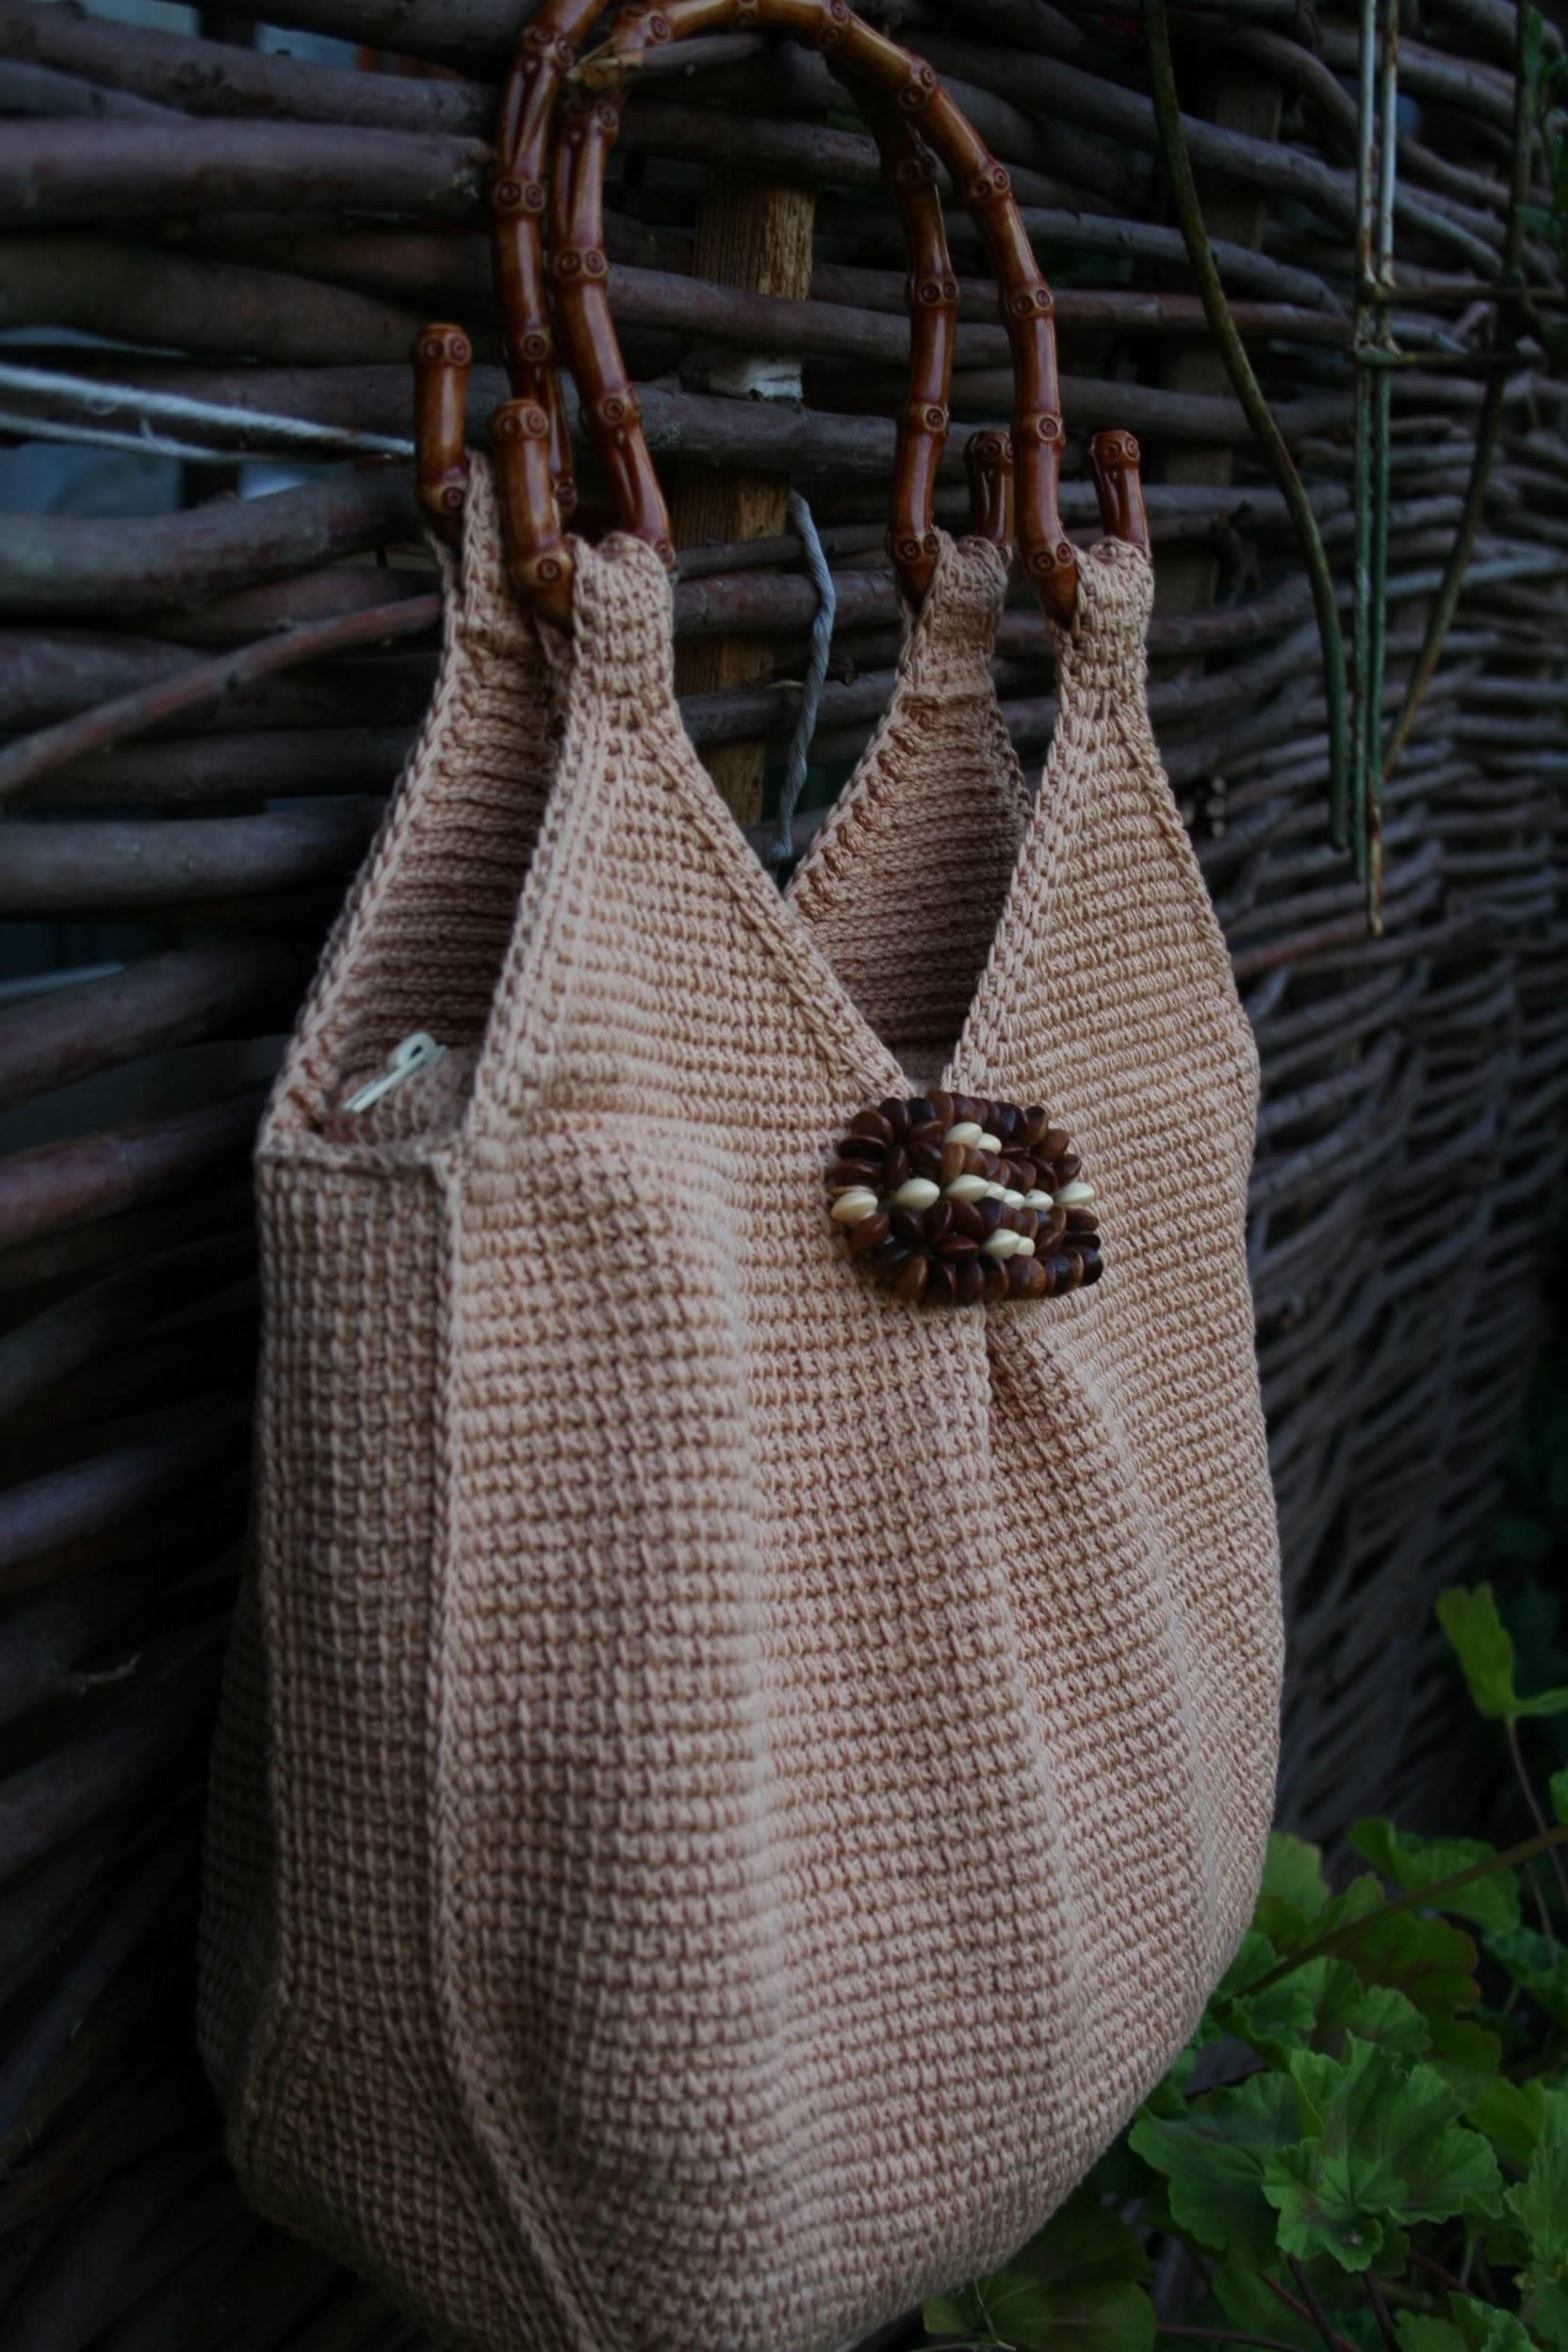 вещи из тунисского вязания